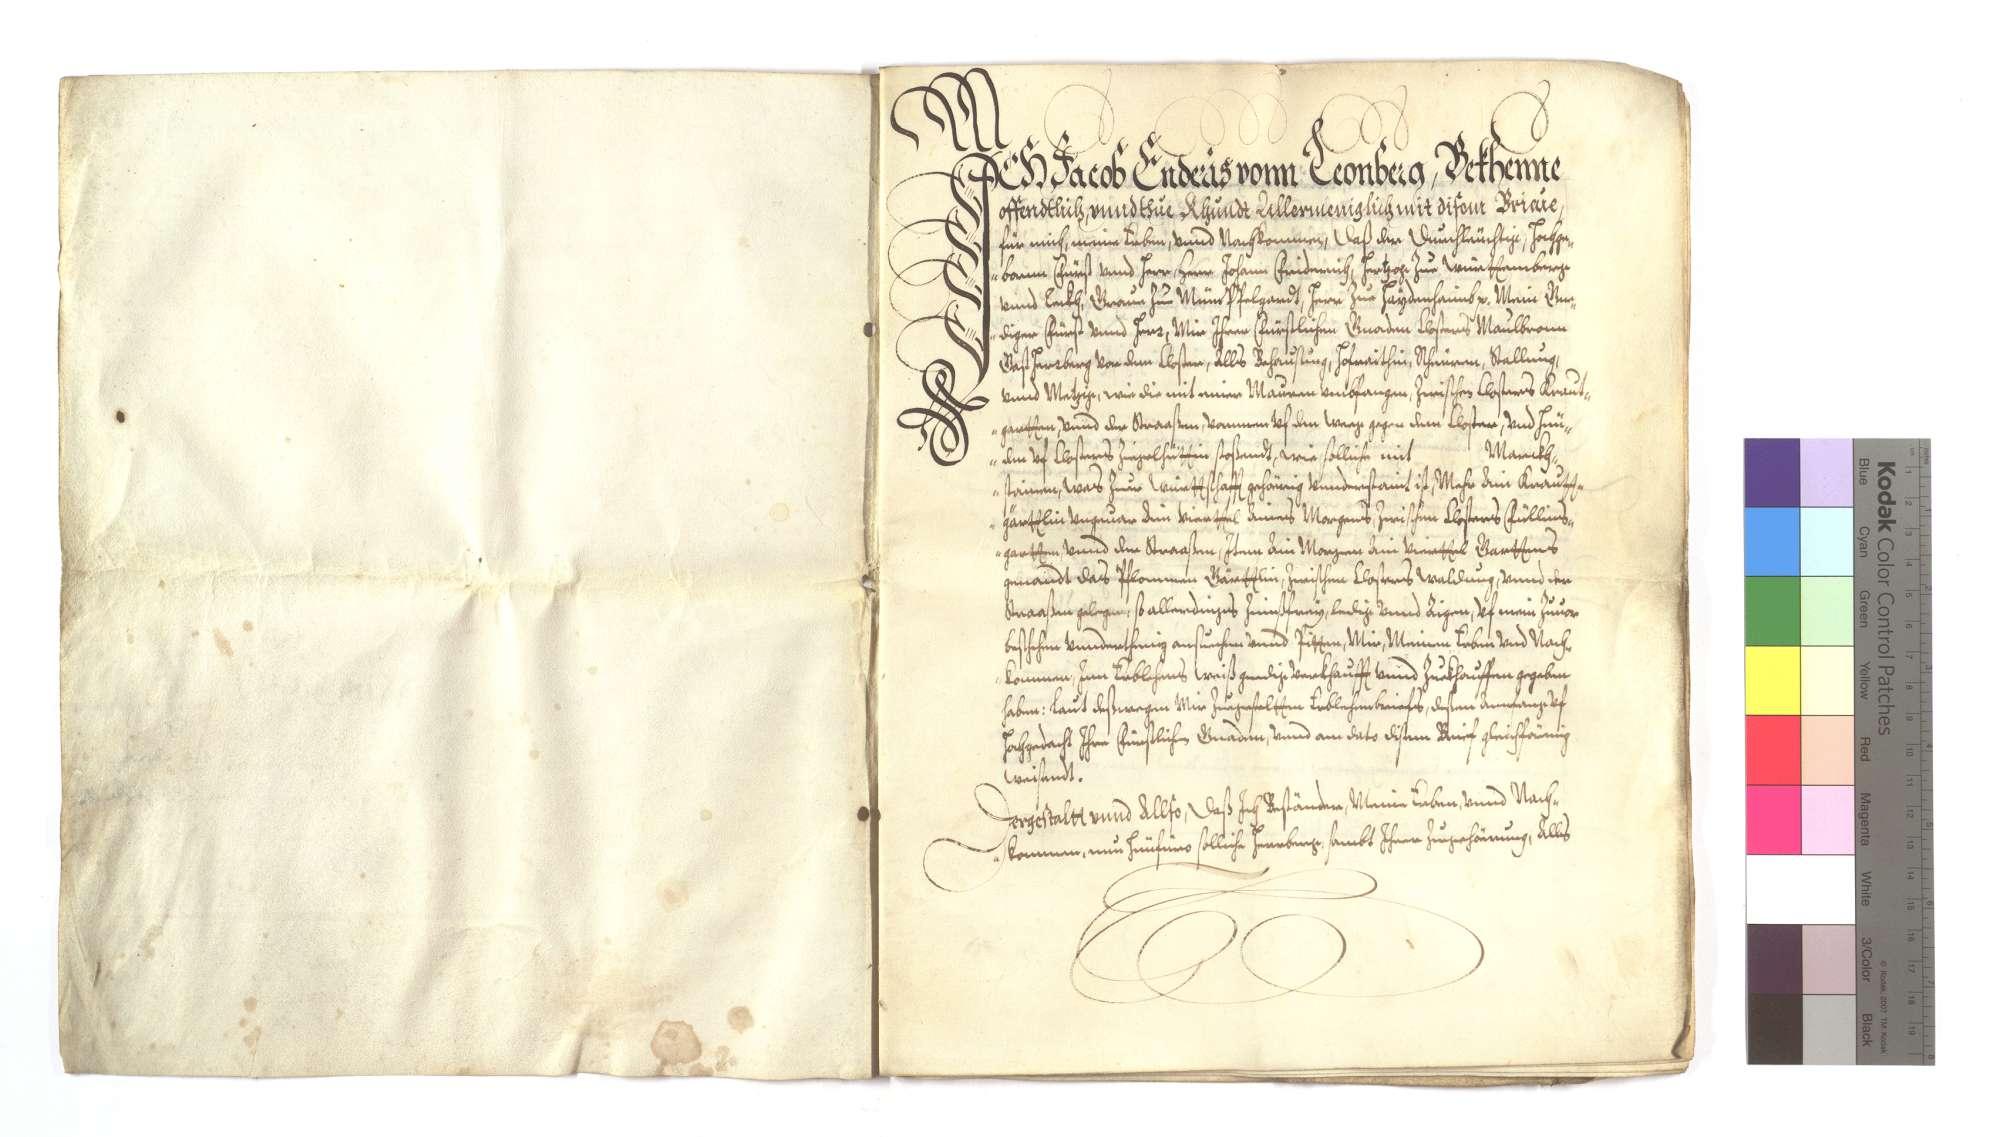 Erblehensrevers Jakob Endris von Leonberg um die Gastherberge von Maulbronn vor dem Kloster., Bild 2